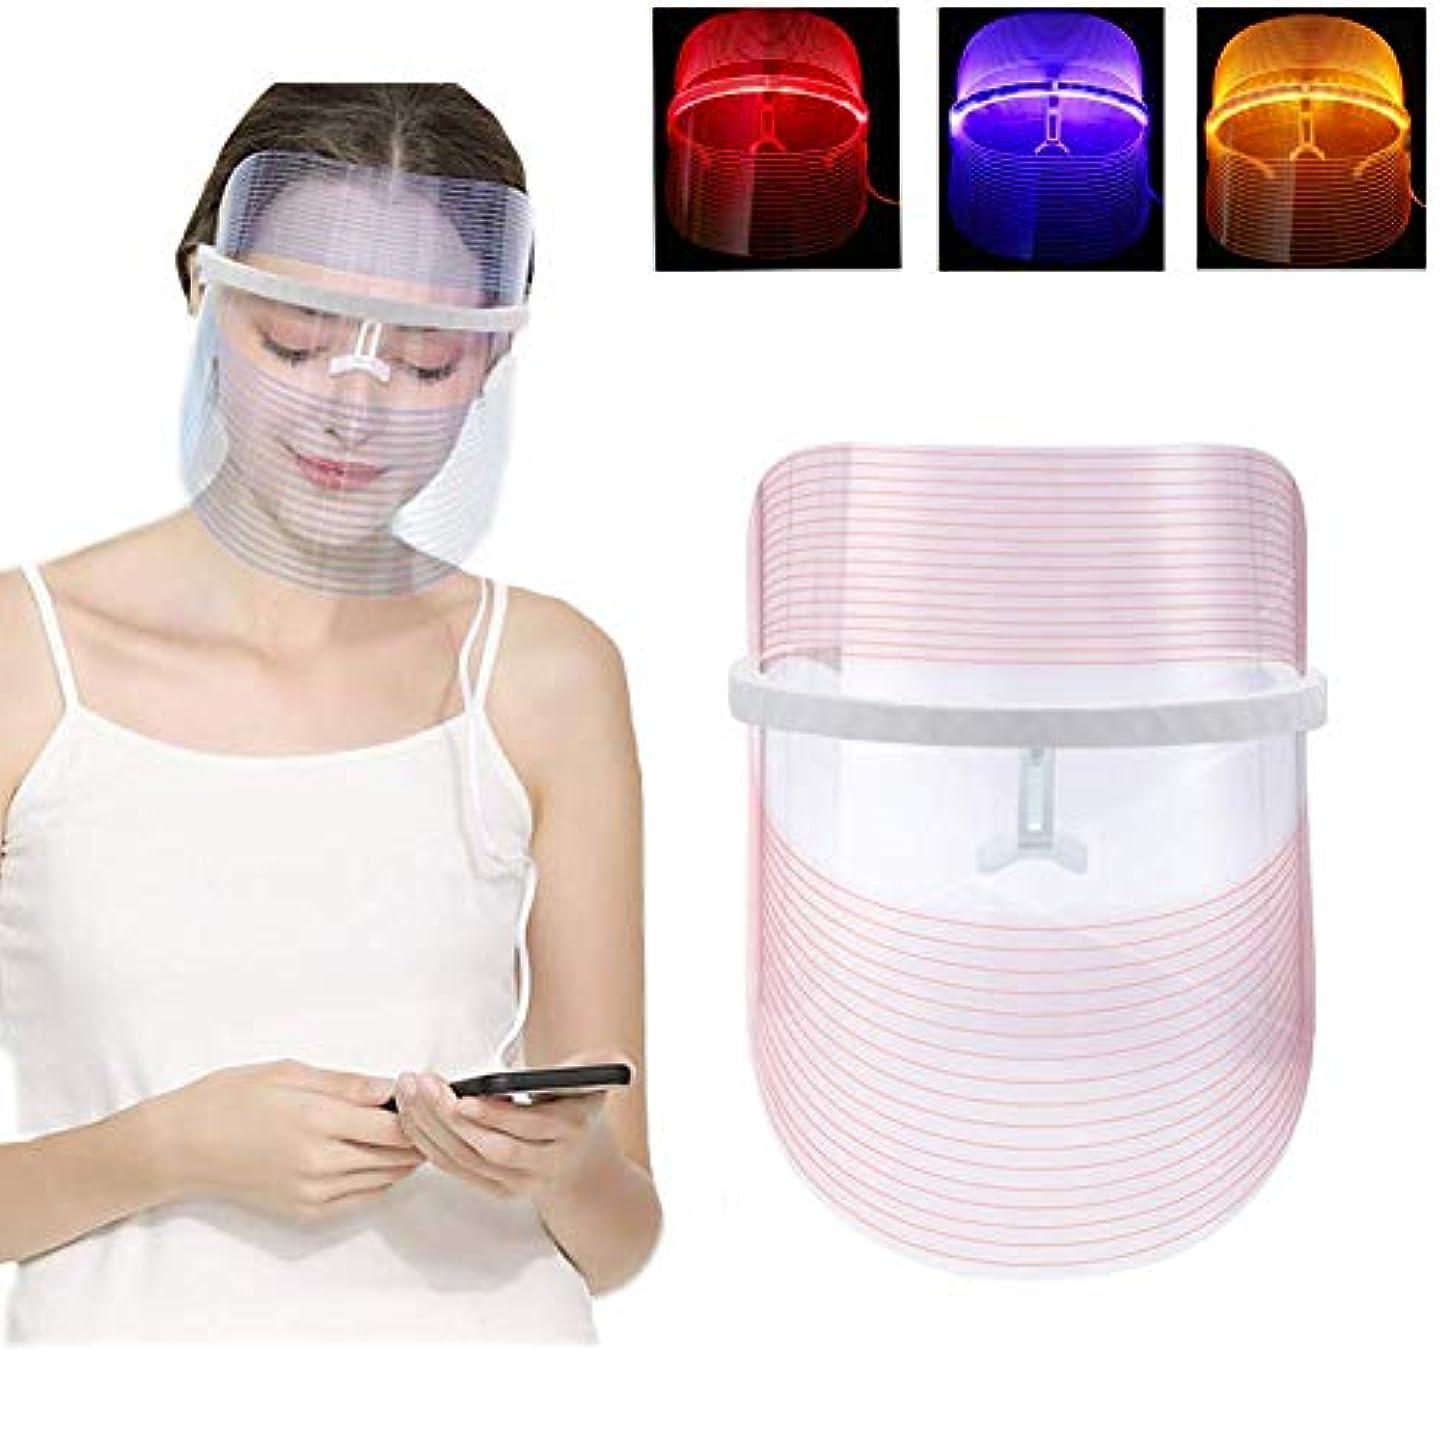 祭司軍隊所属3色LEDライト療法のフェイスマスクの美の器械の顔の鉱泉の処置装置の反アクネのしわの取り外し